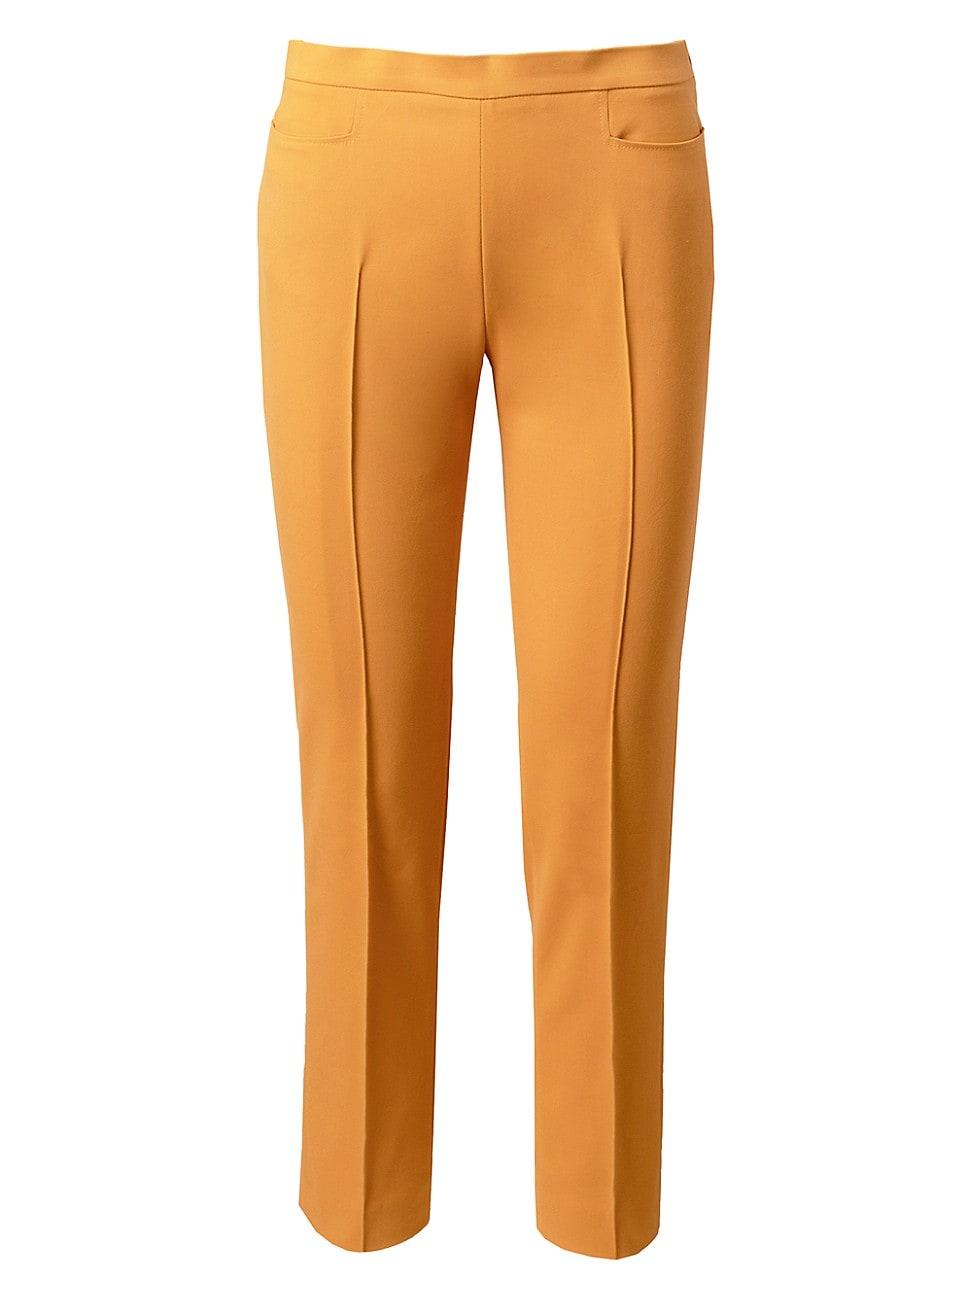 Akris Punto WOMEN'S FRANCA TECHNICAL STRETCH CROPPED PANTS